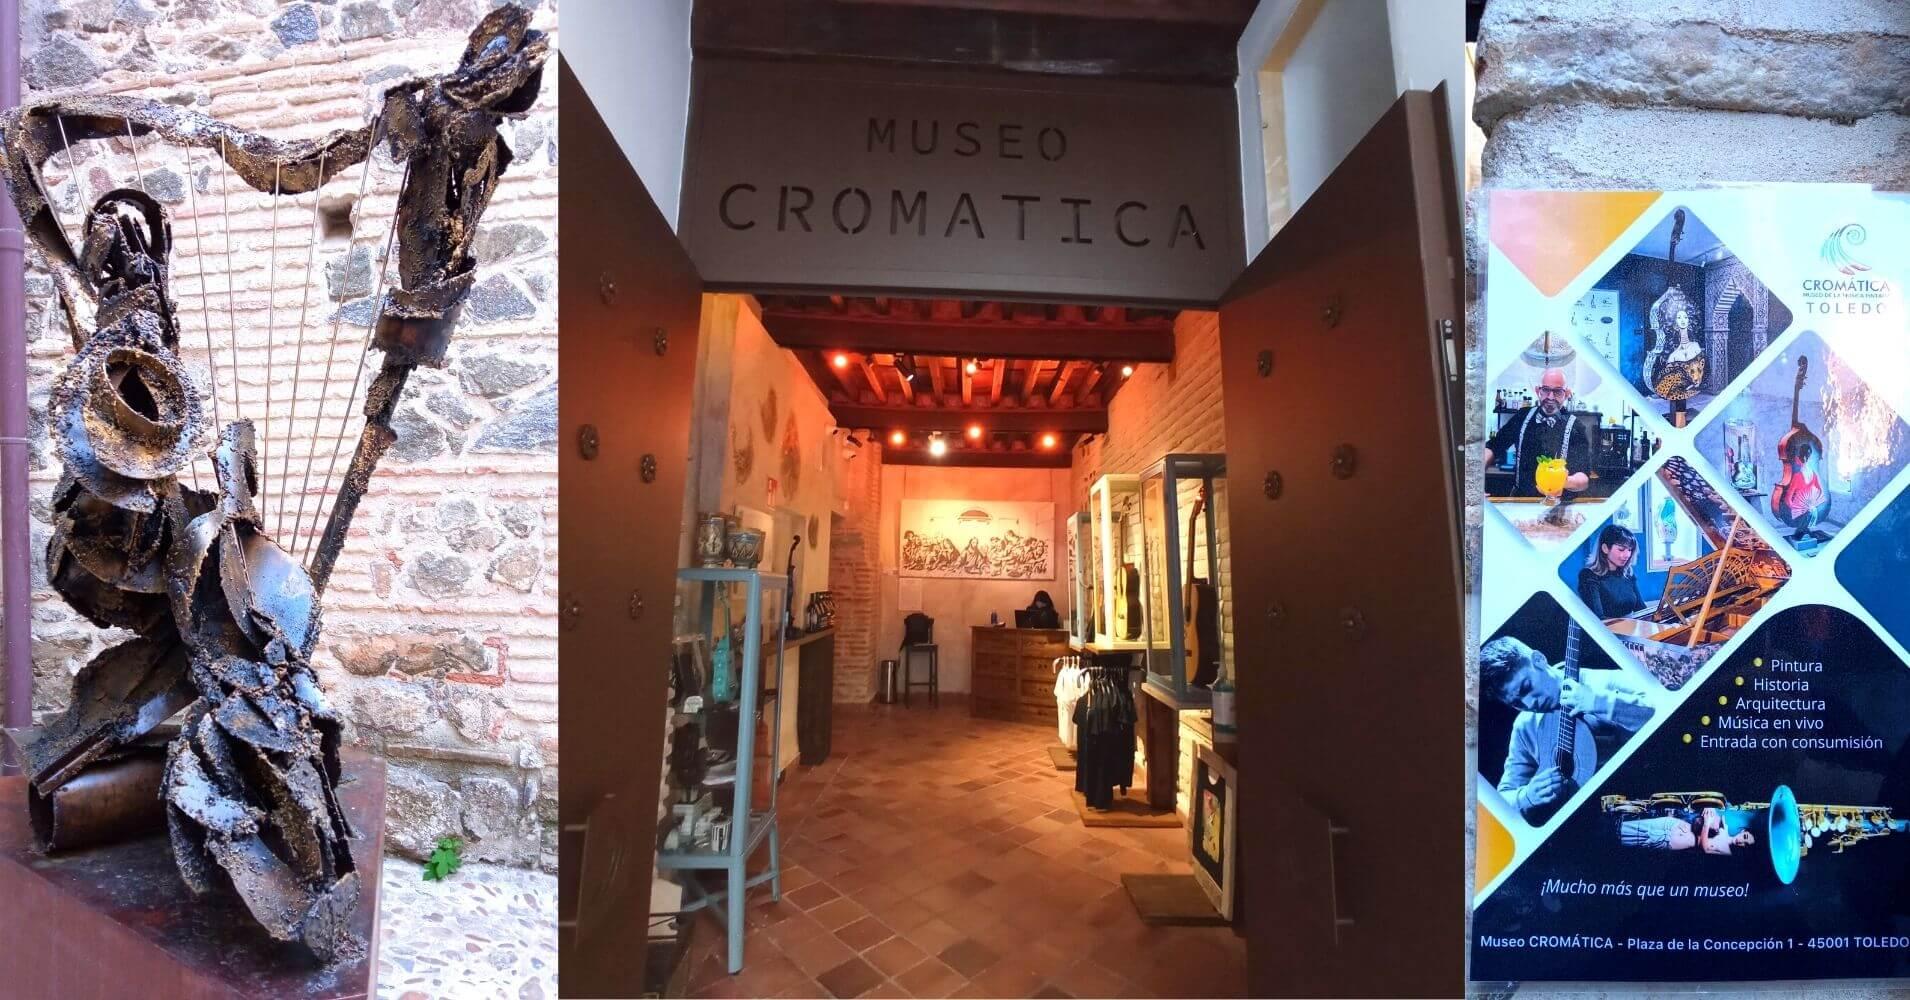 Entrada Museo Cromática Toledo. Convento de la Inmaculada Concepción. Toledo.